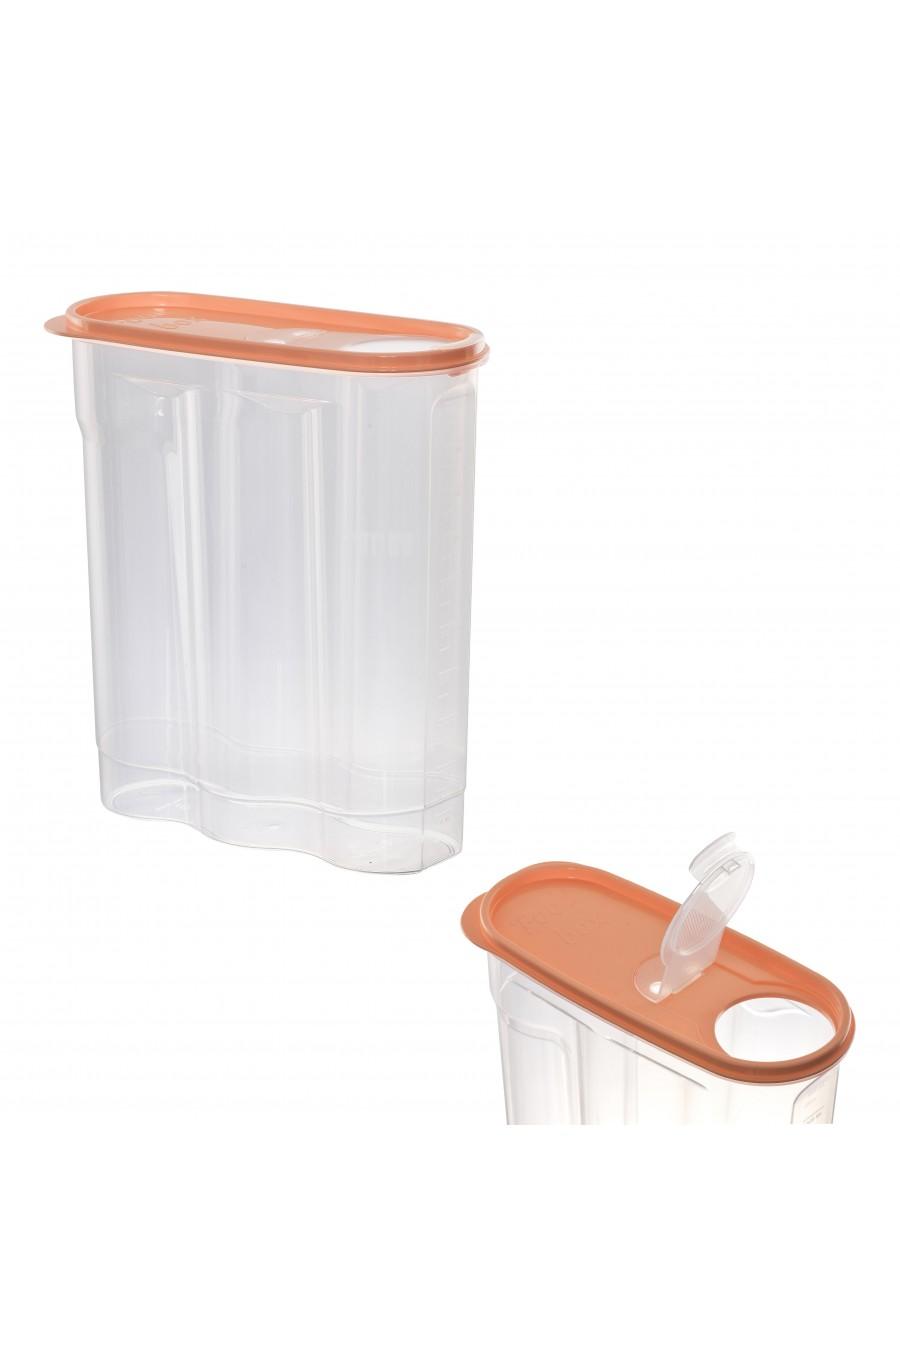 PlastArt Dikey Erzak Kabı | 6 lt.